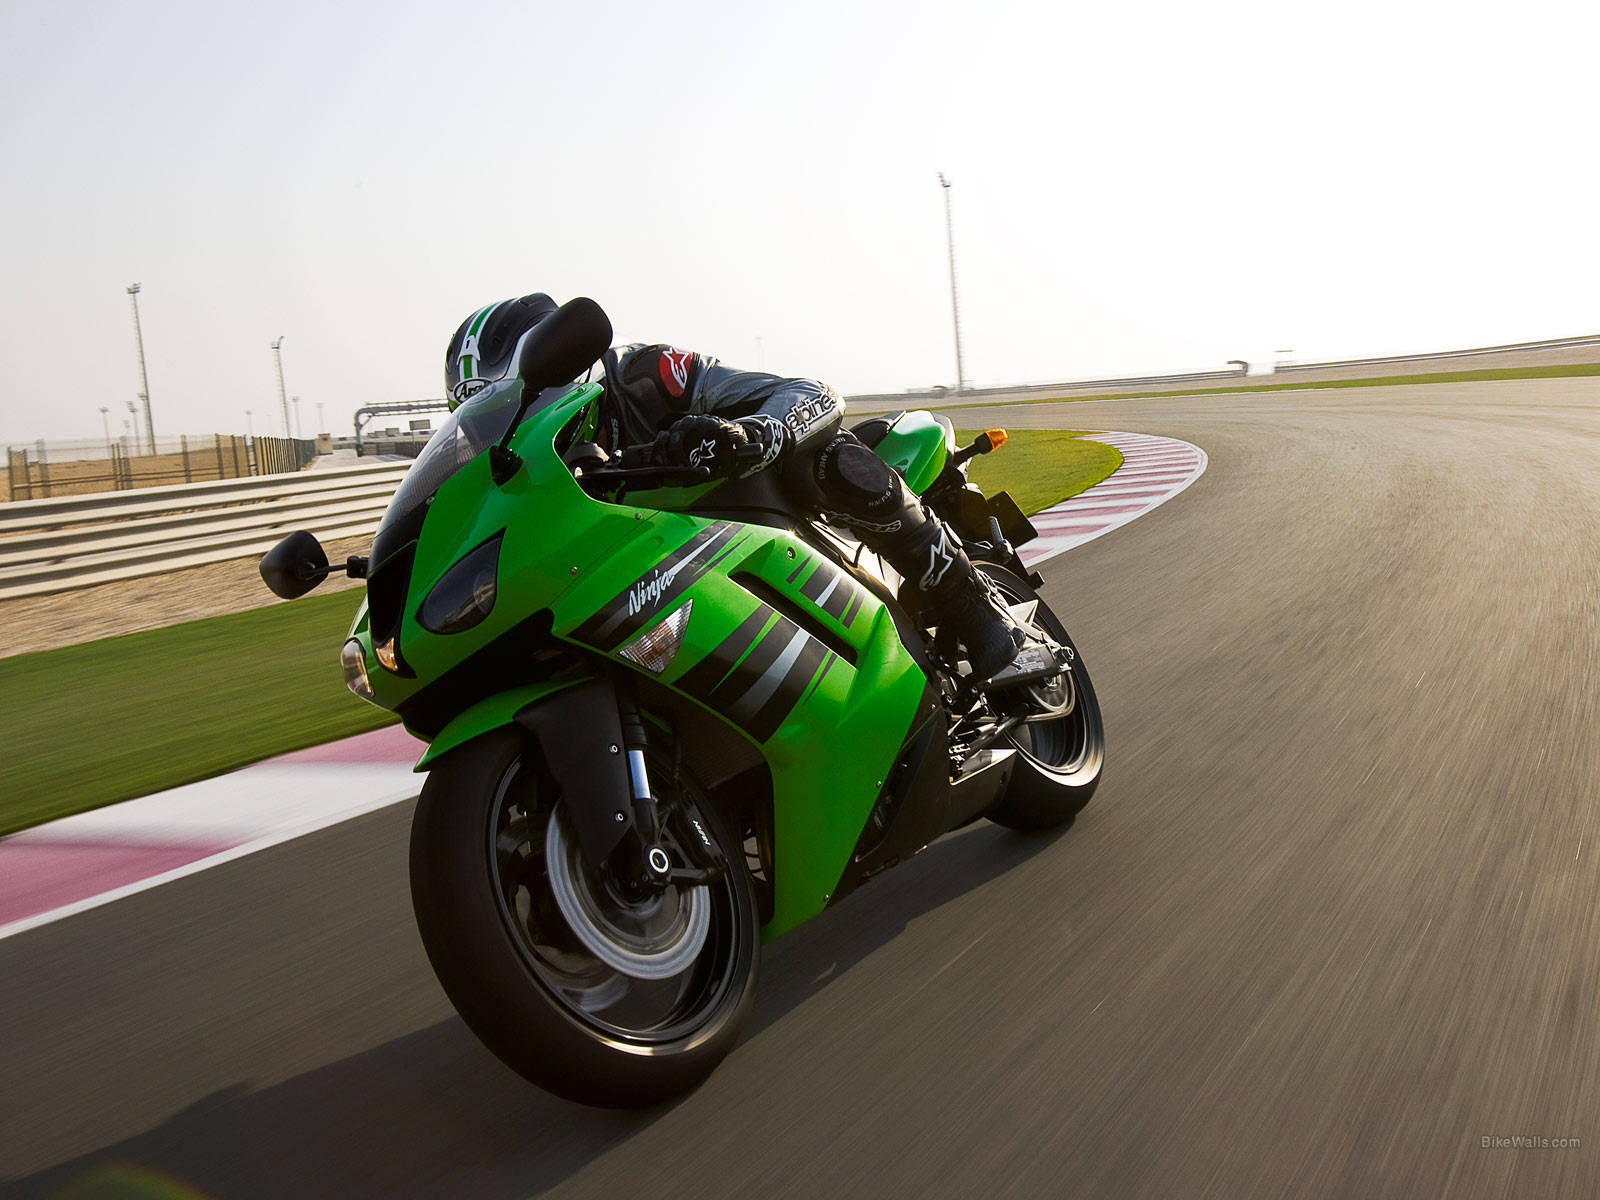 http://4.bp.blogspot.com/_rqqtSGINUiY/TPUj7KG-gdI/AAAAAAAAAFc/8uUI-VGJ8WI/s1600/Sports%20bike%20Kawasaki-Ninja-ZX-6R%20pao.jpg